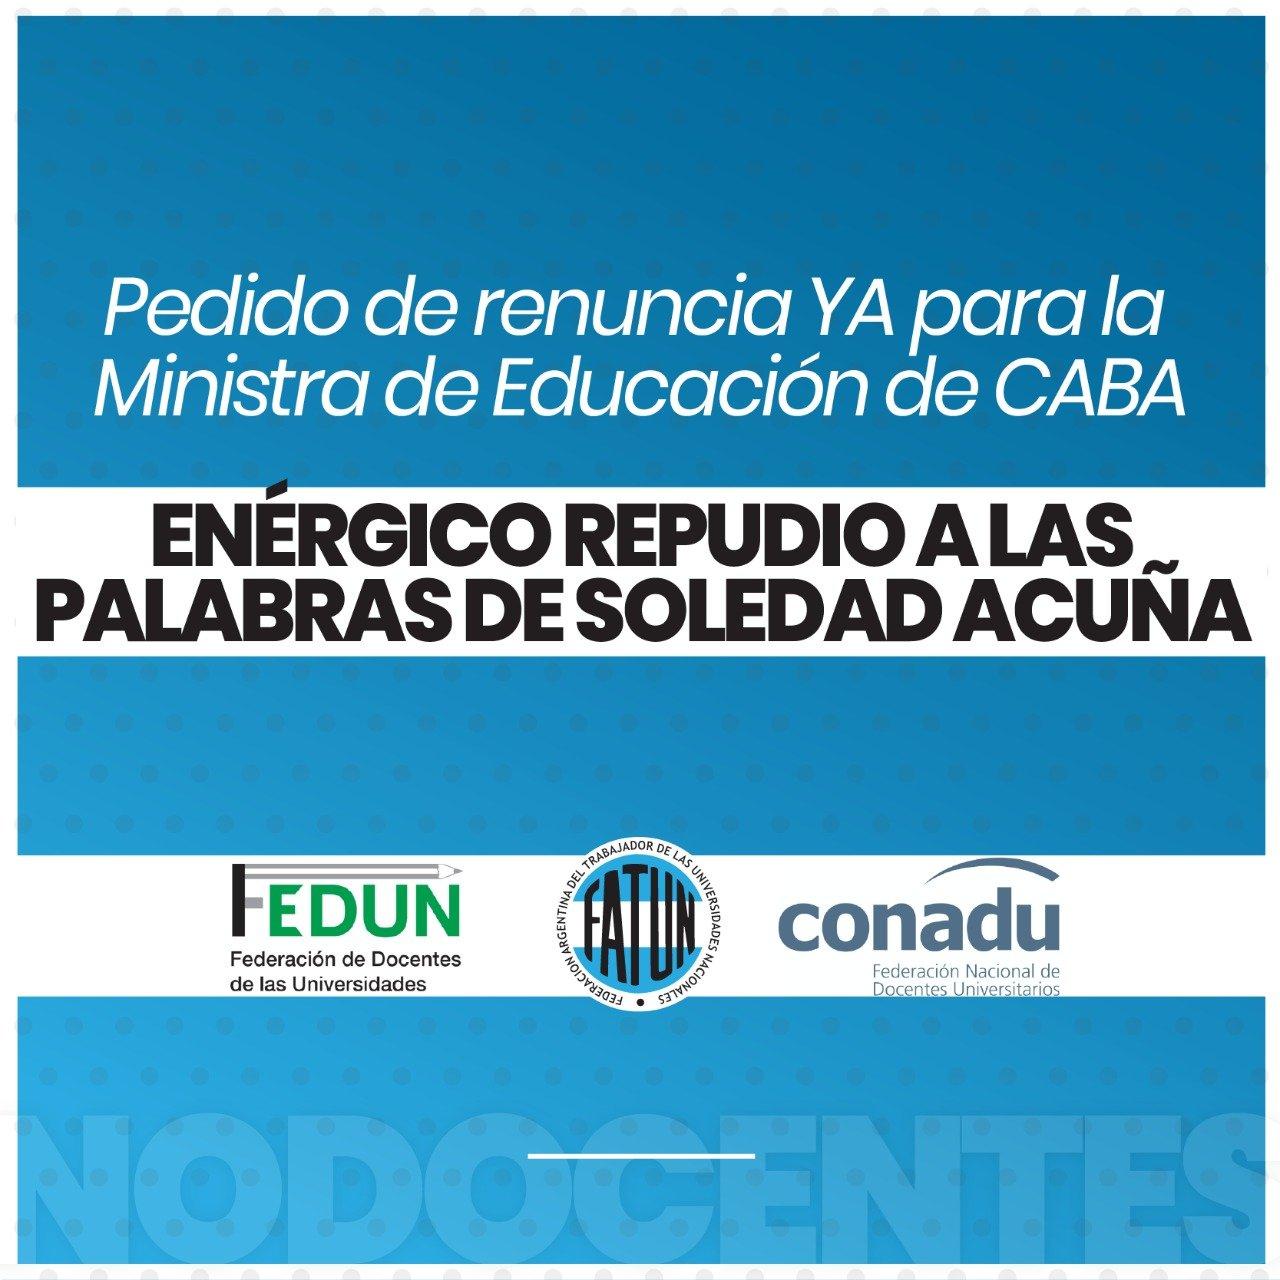 Repudiamos los dichos discriminatorios y acompañamos el pedido de renuncia de la Ministra de Educación de la ciudad de Buenos Aires.